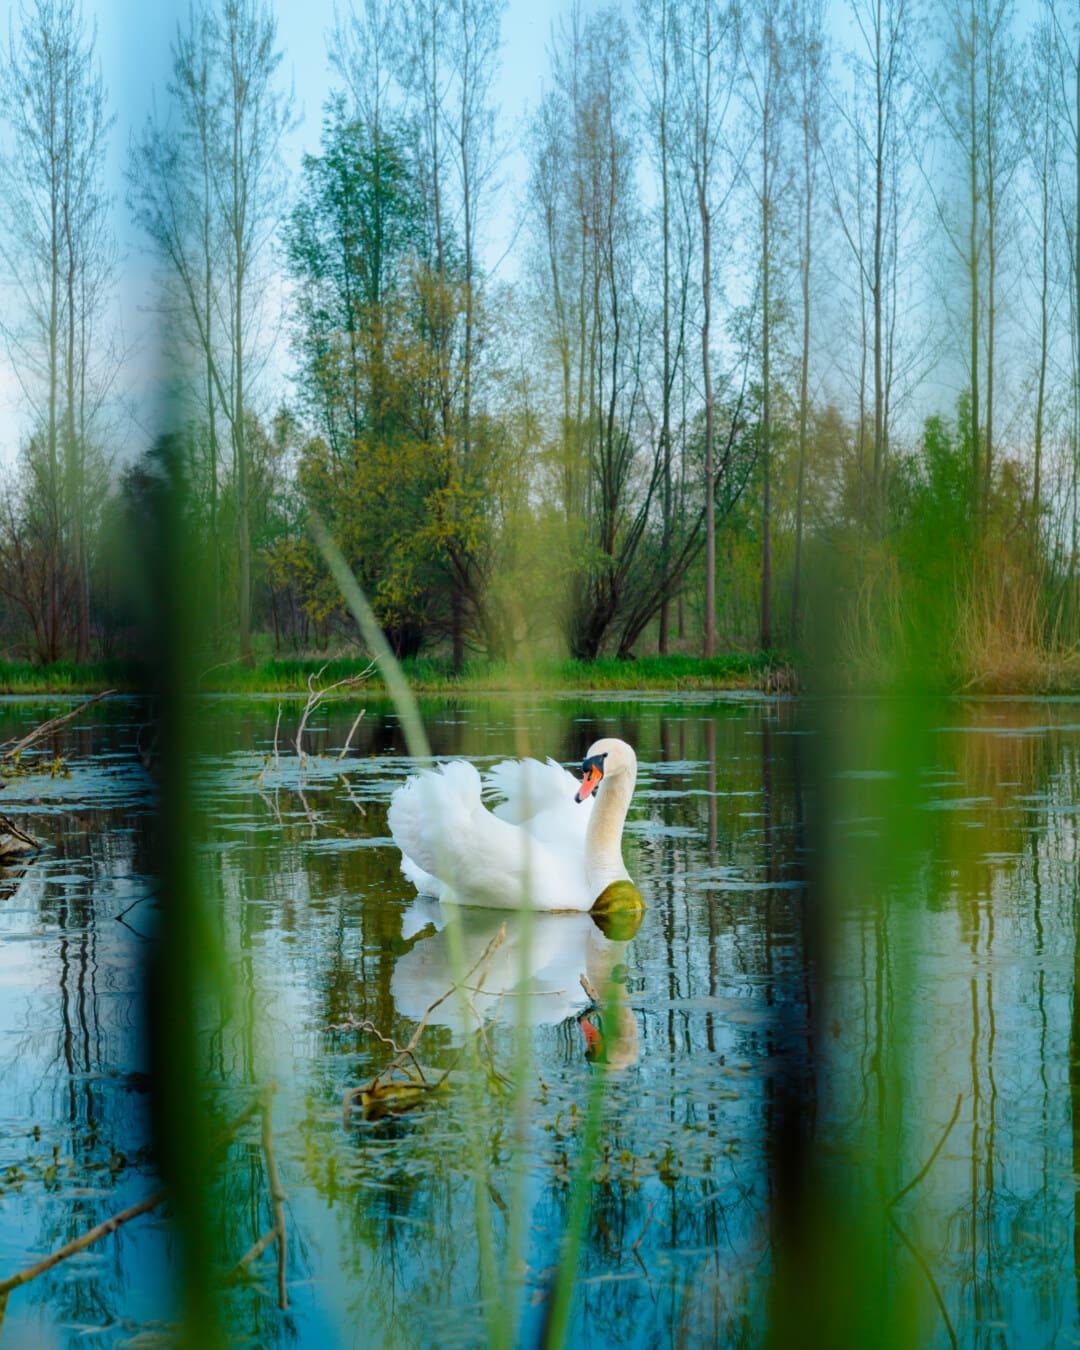 cygne, paysage, marais, marais, oiseaux aquatique, plante aquatique, l'herbe verte, aquatique, Lac, rivière